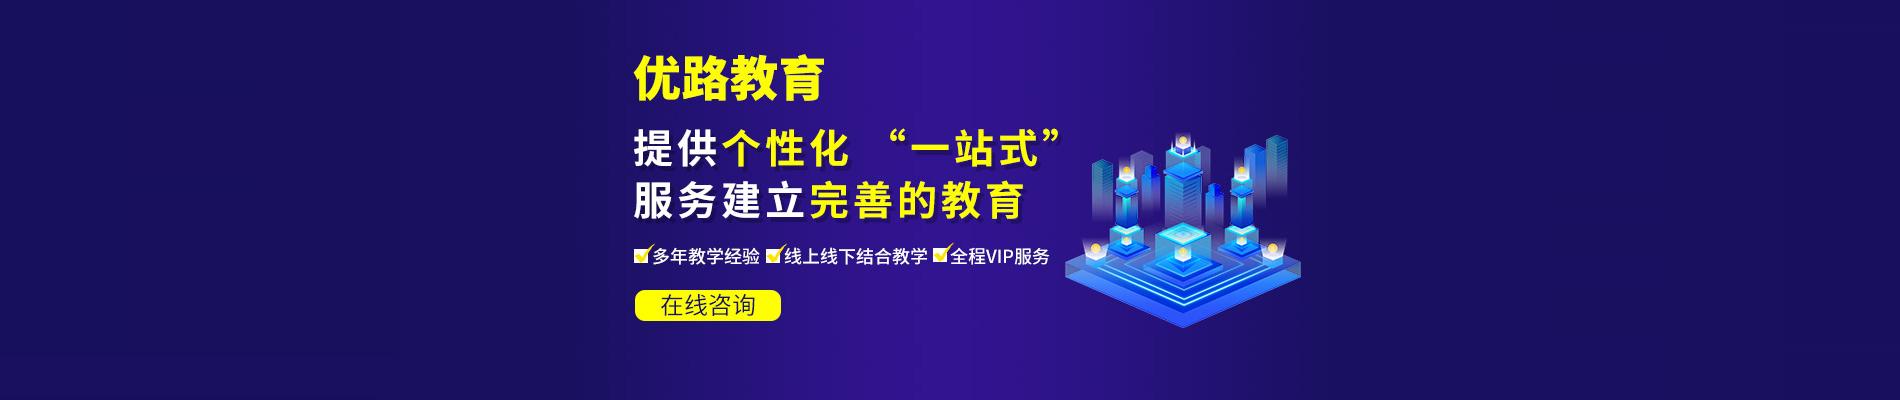 浙江舟山优路教育培训学校